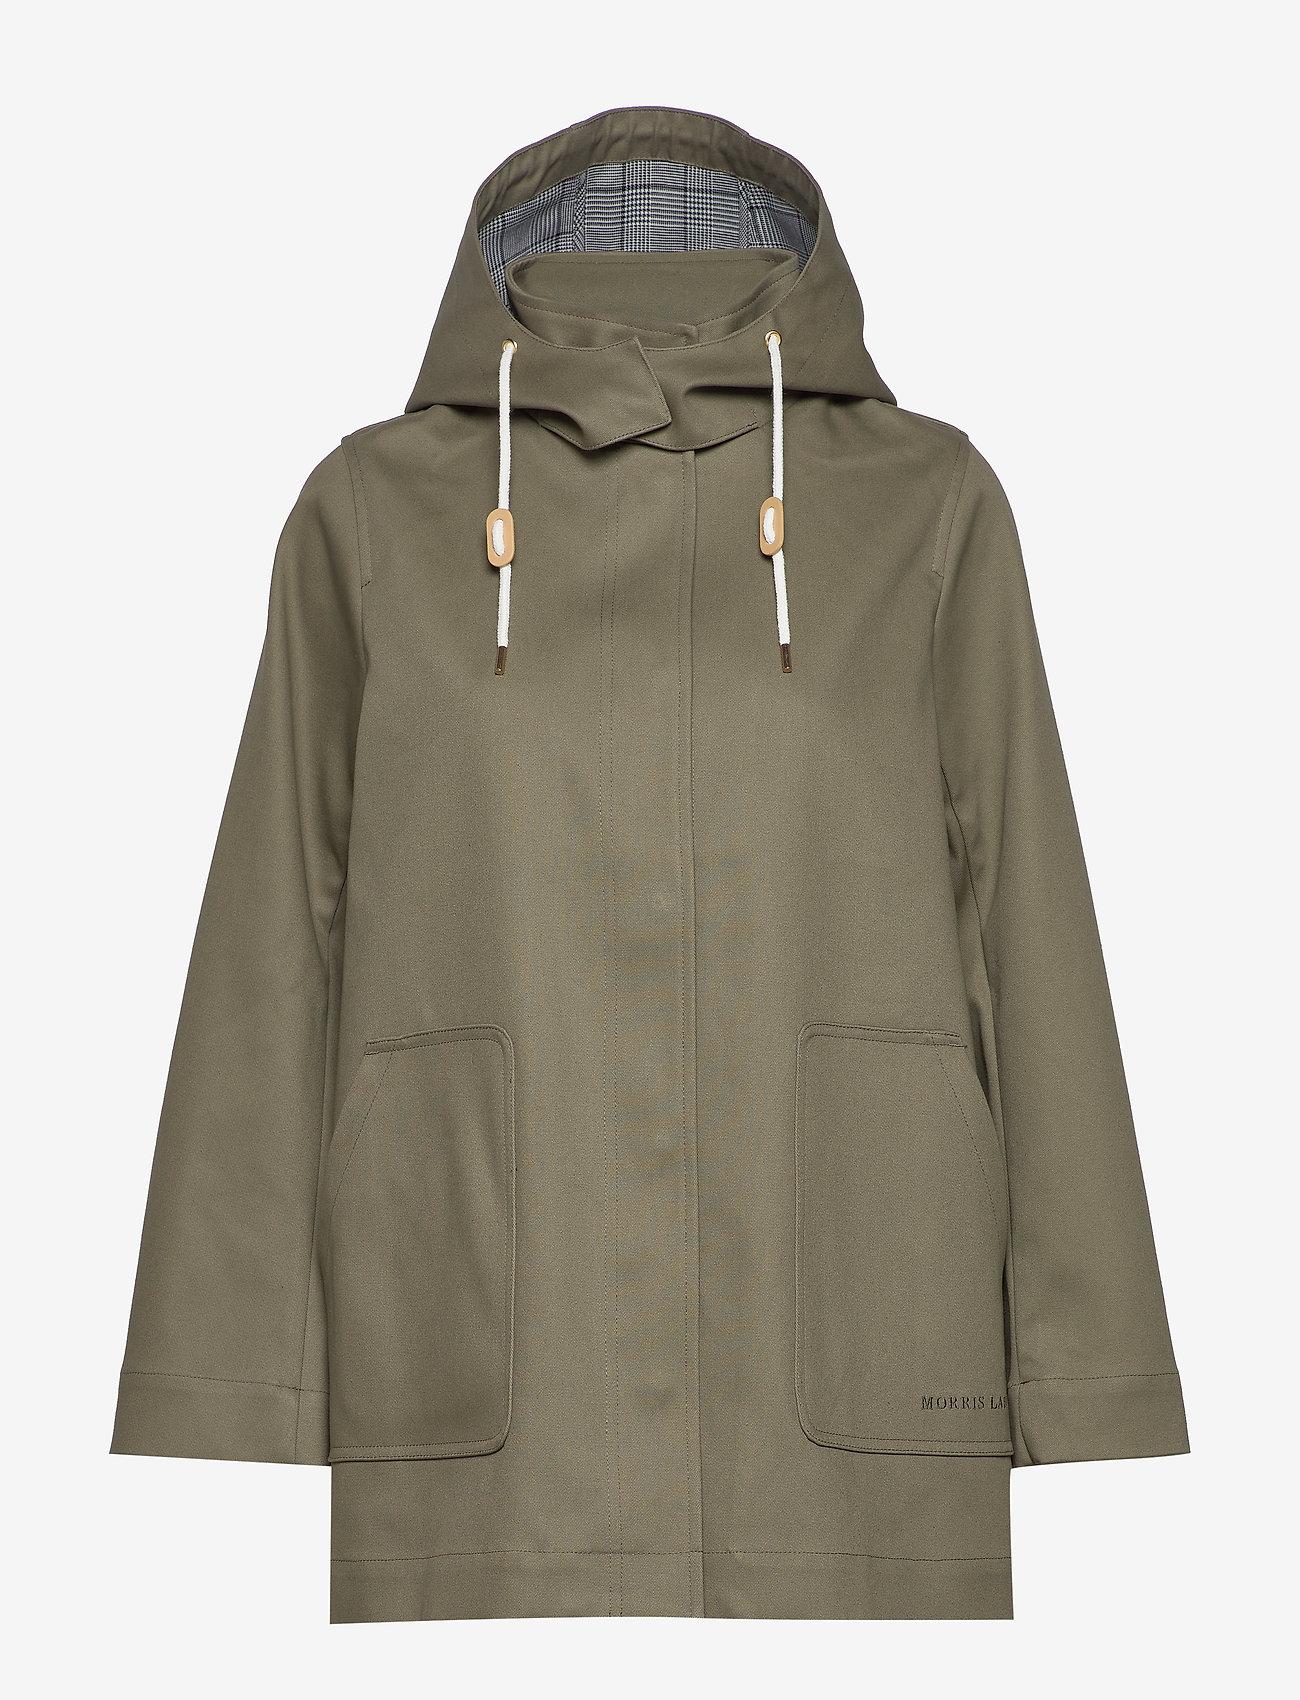 Esme Parka Jacket (Olive) (233.35 €) - Morris Lady DJrjk